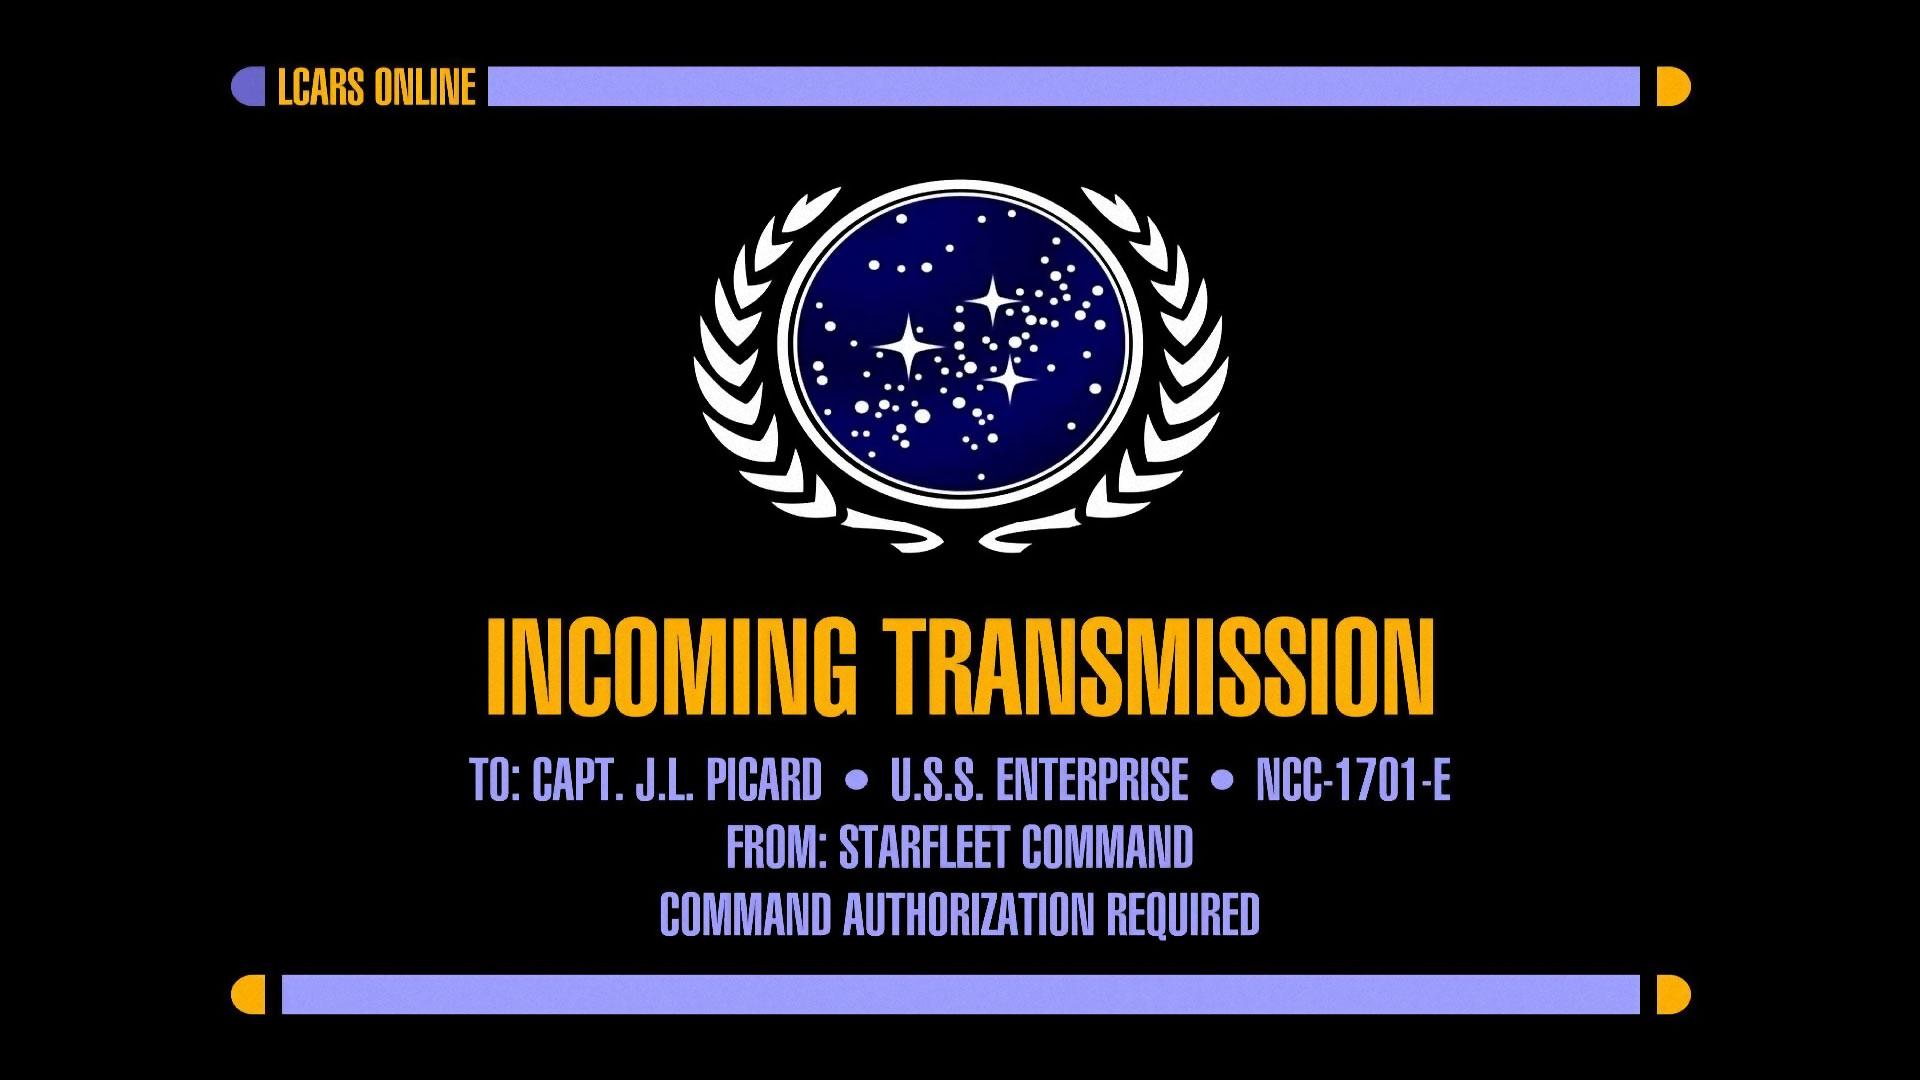 Star Trek Incoming Transmission Screen HD Wallpaper 1920x1080 1920x1080